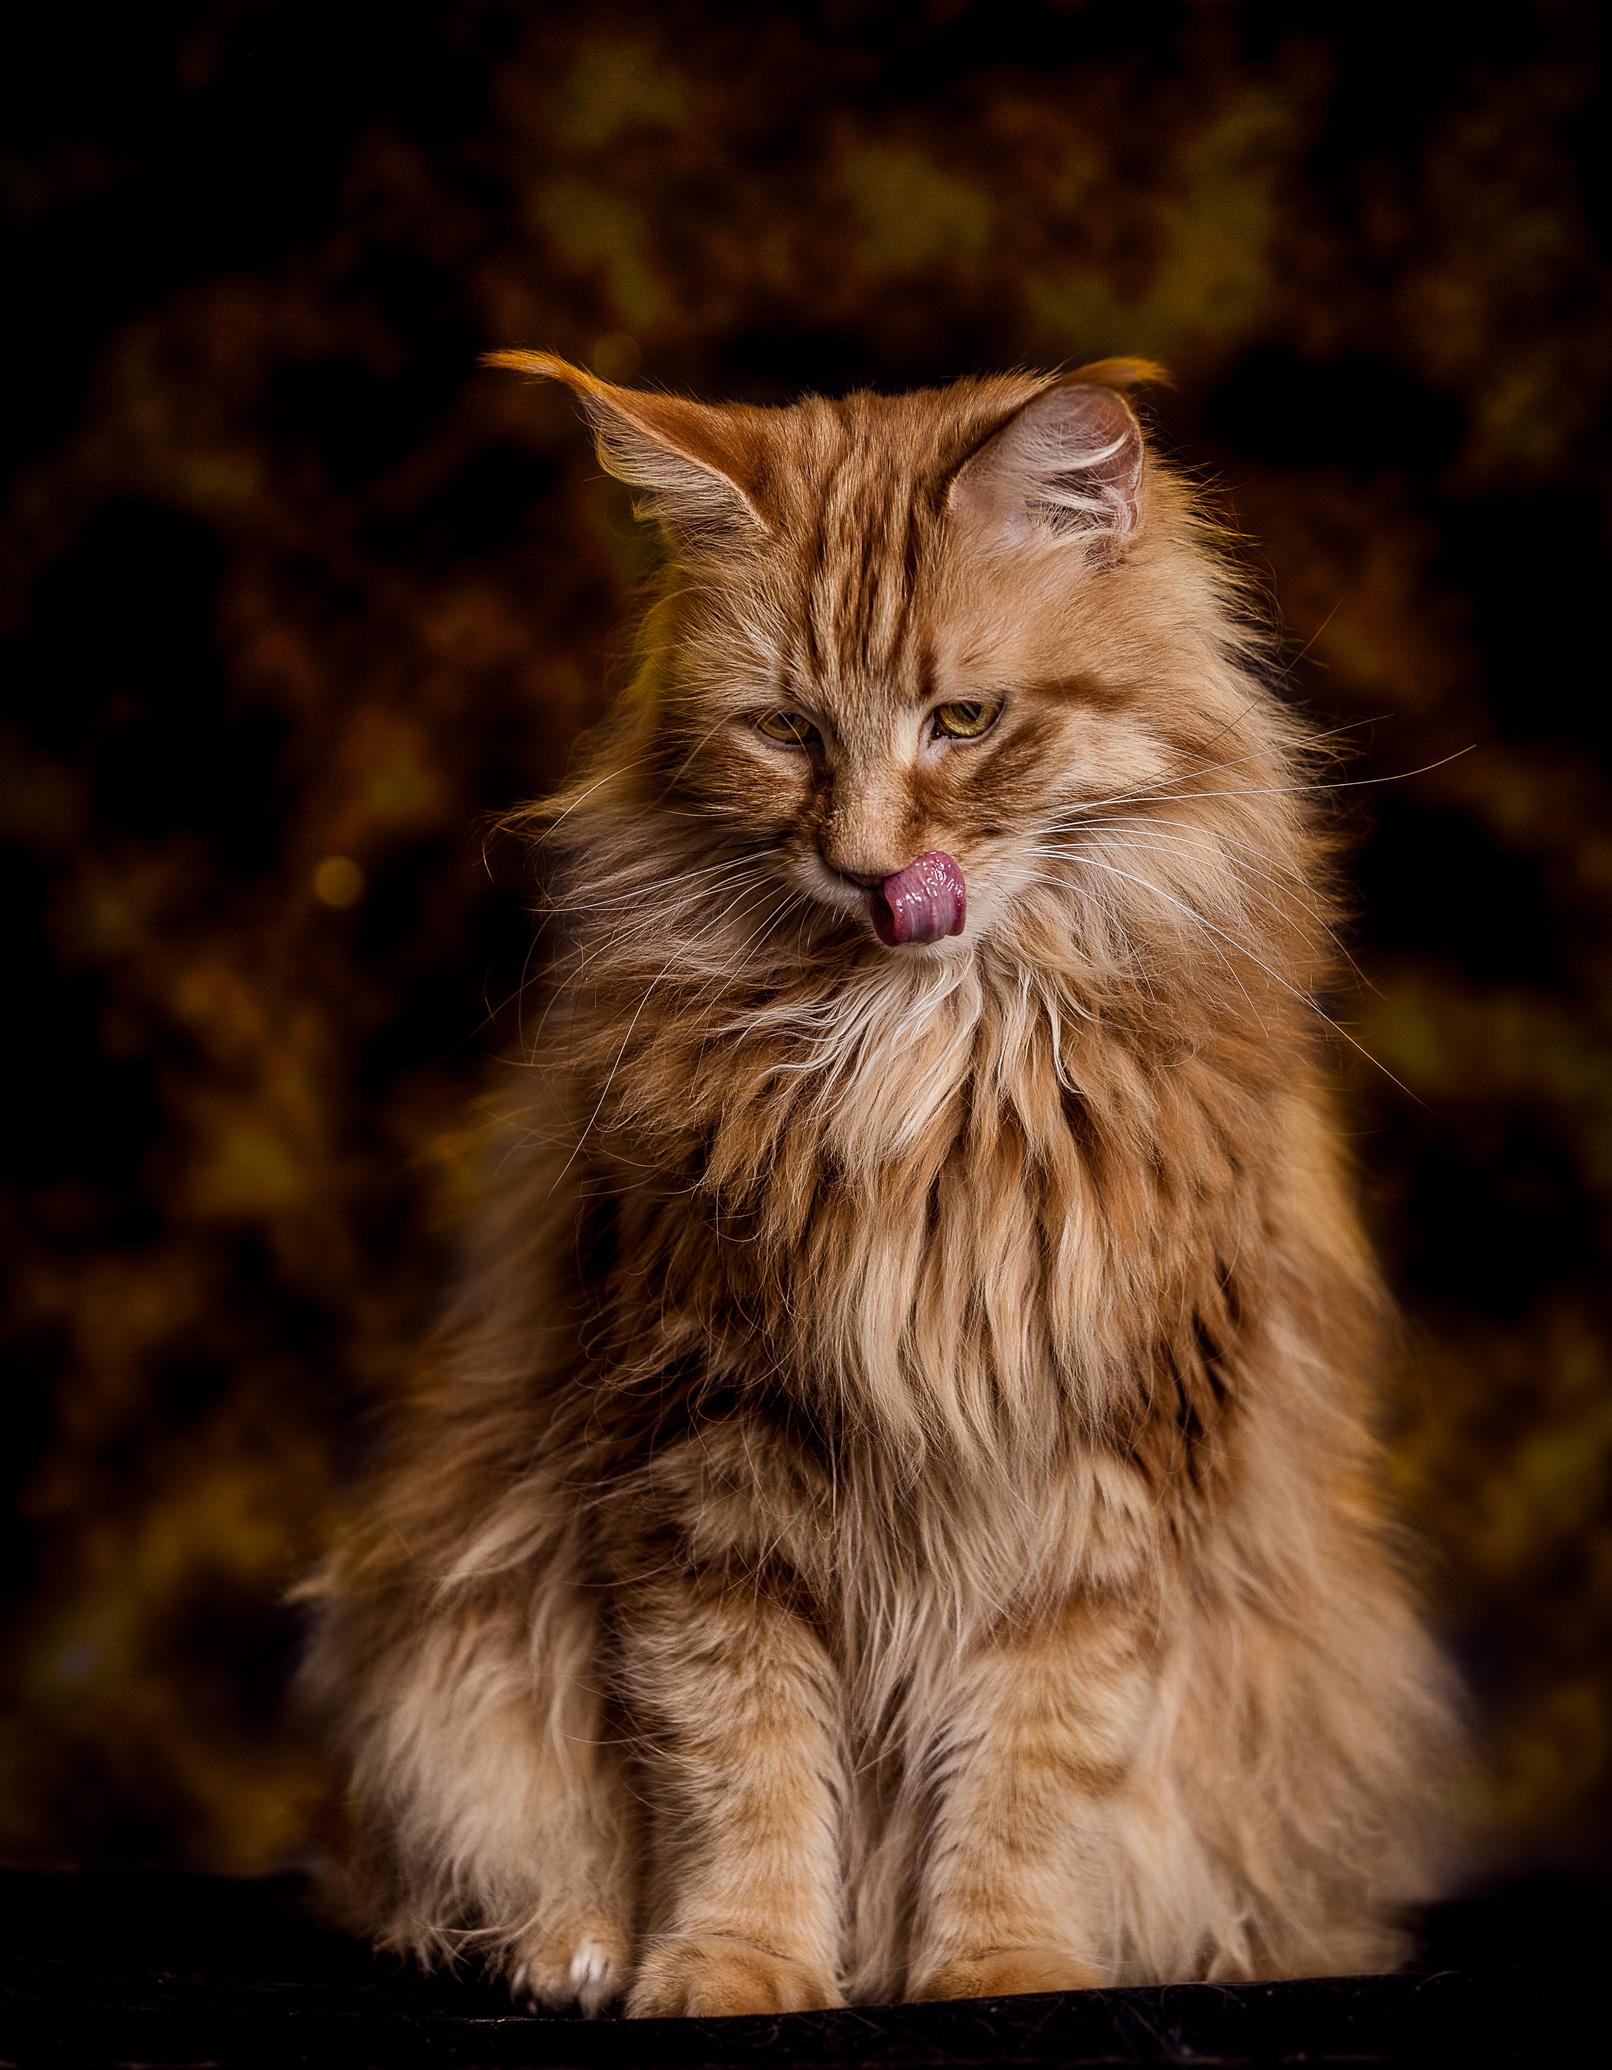 Katzen-Fotografie: Epische Katzenportraits selbst fotografieren